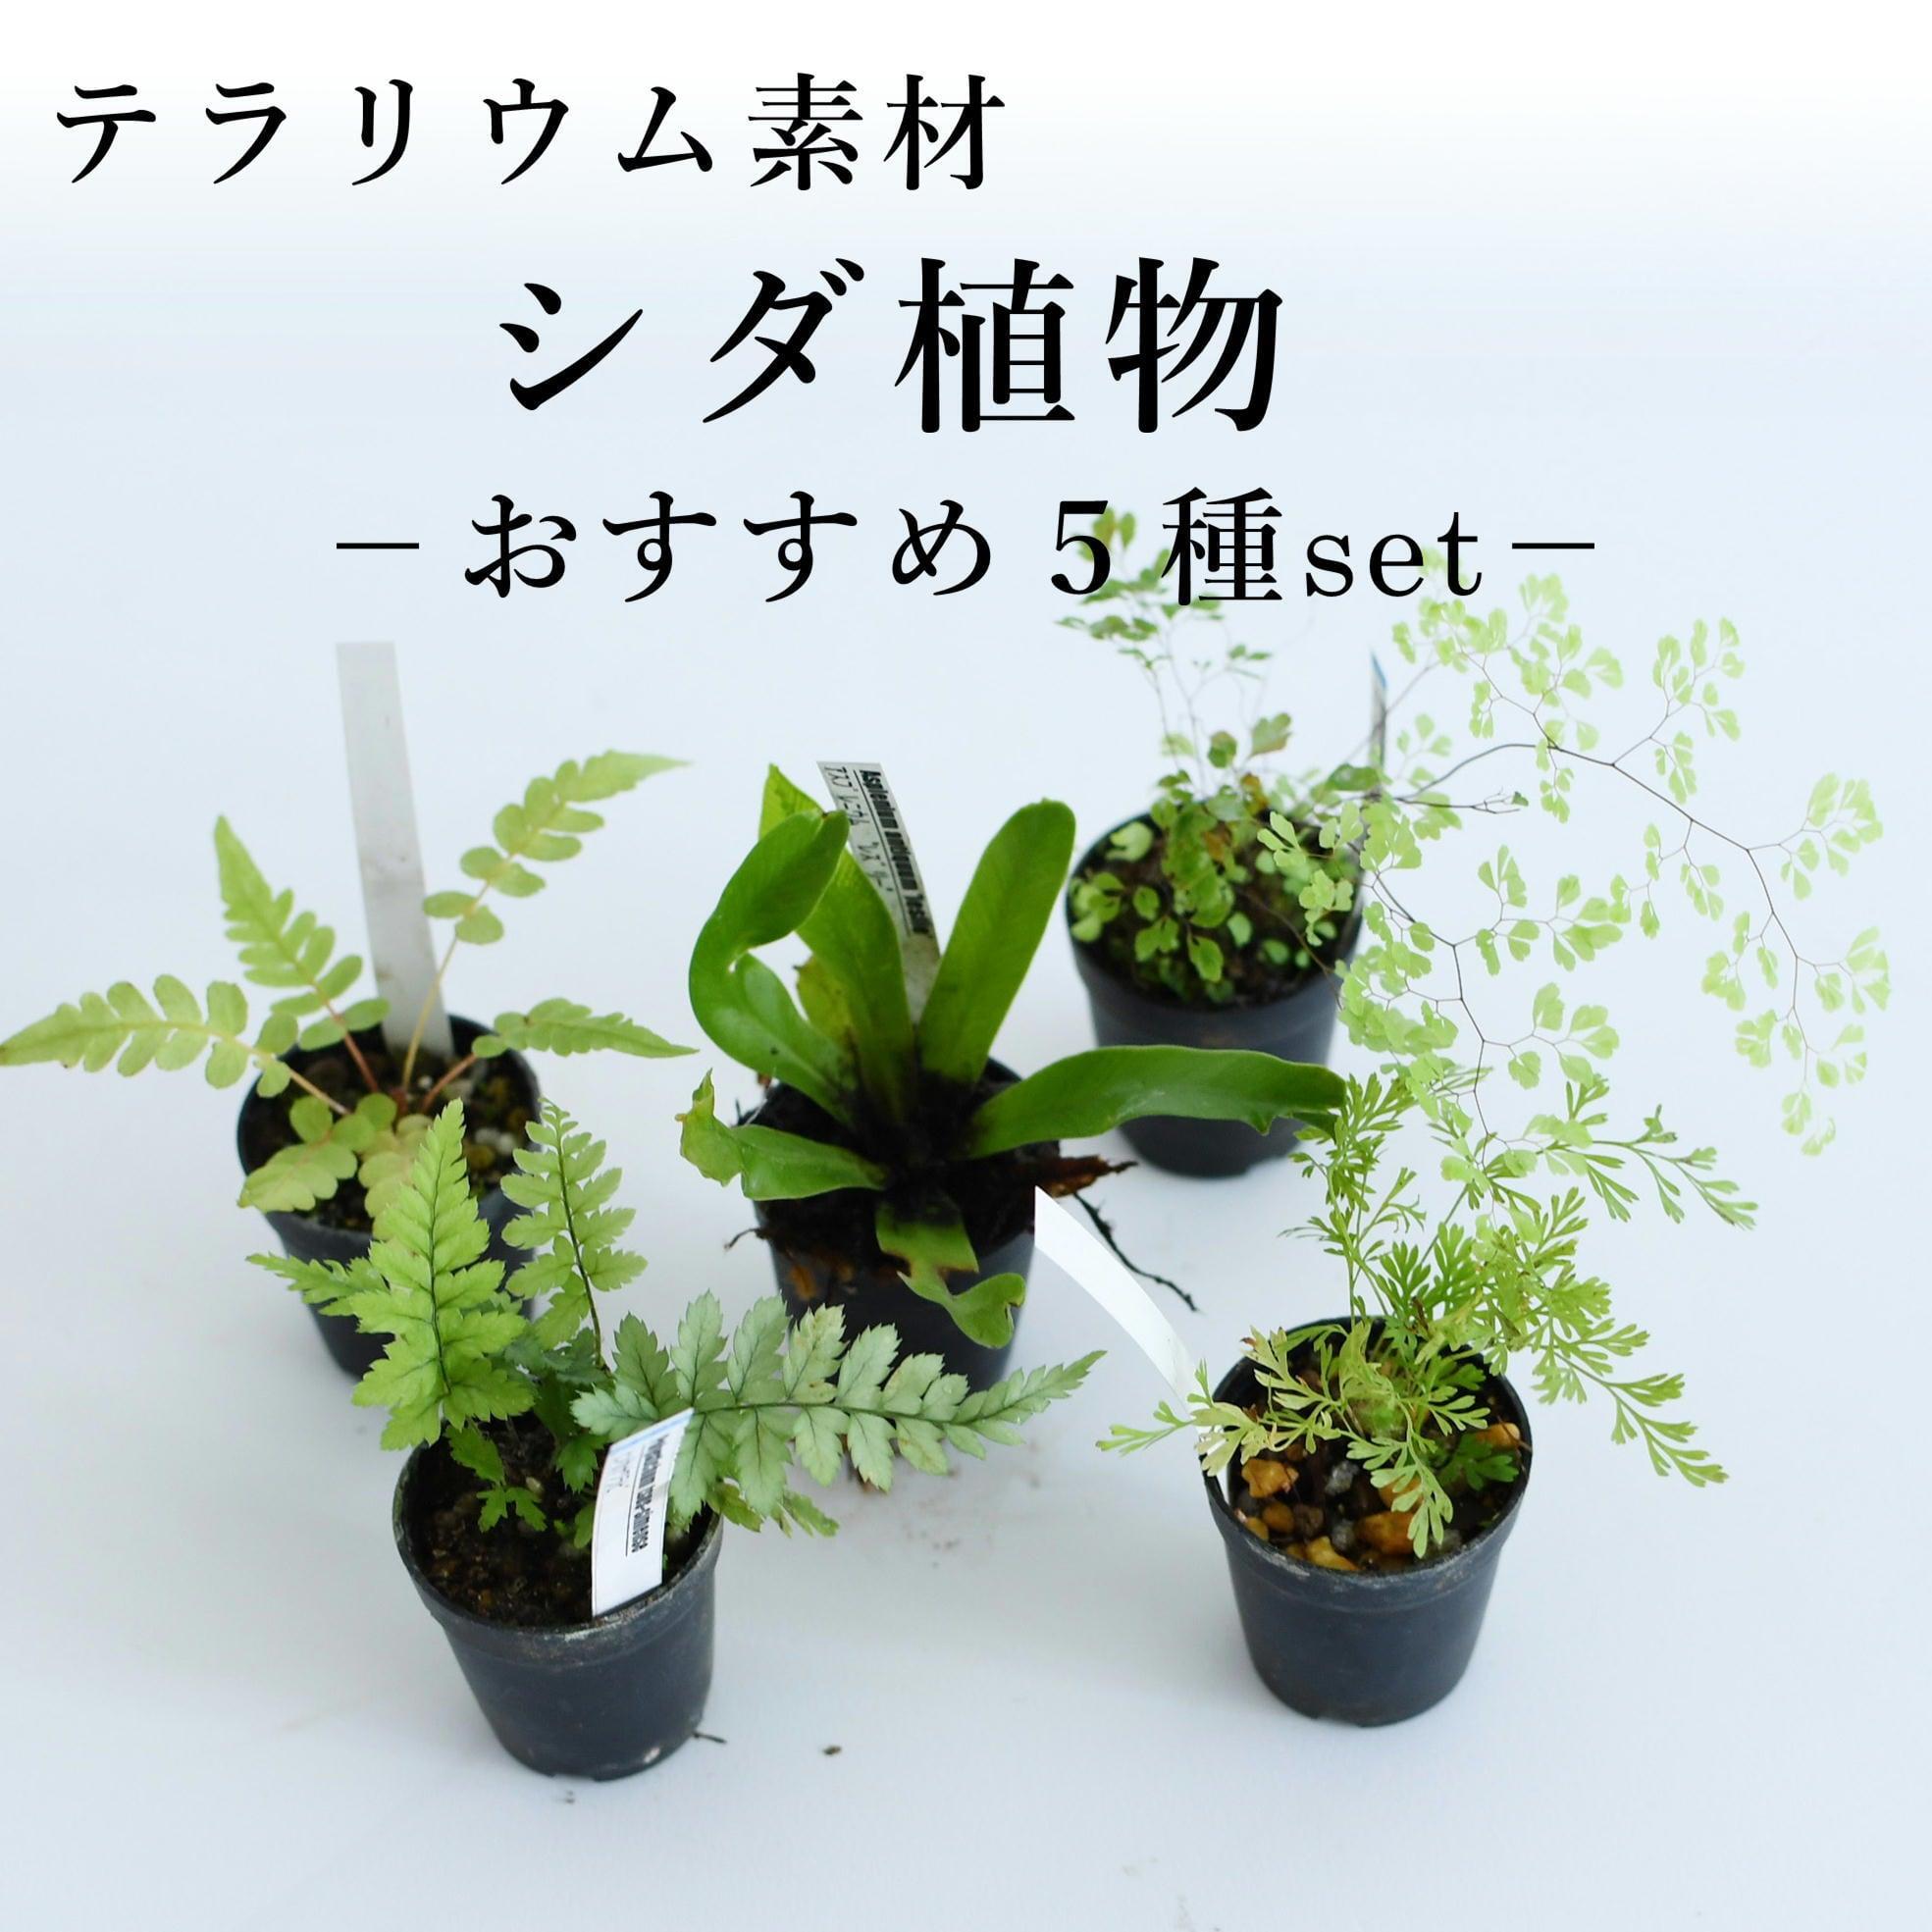 シダ植物おすすめ5種セット テラリウム作製用素材